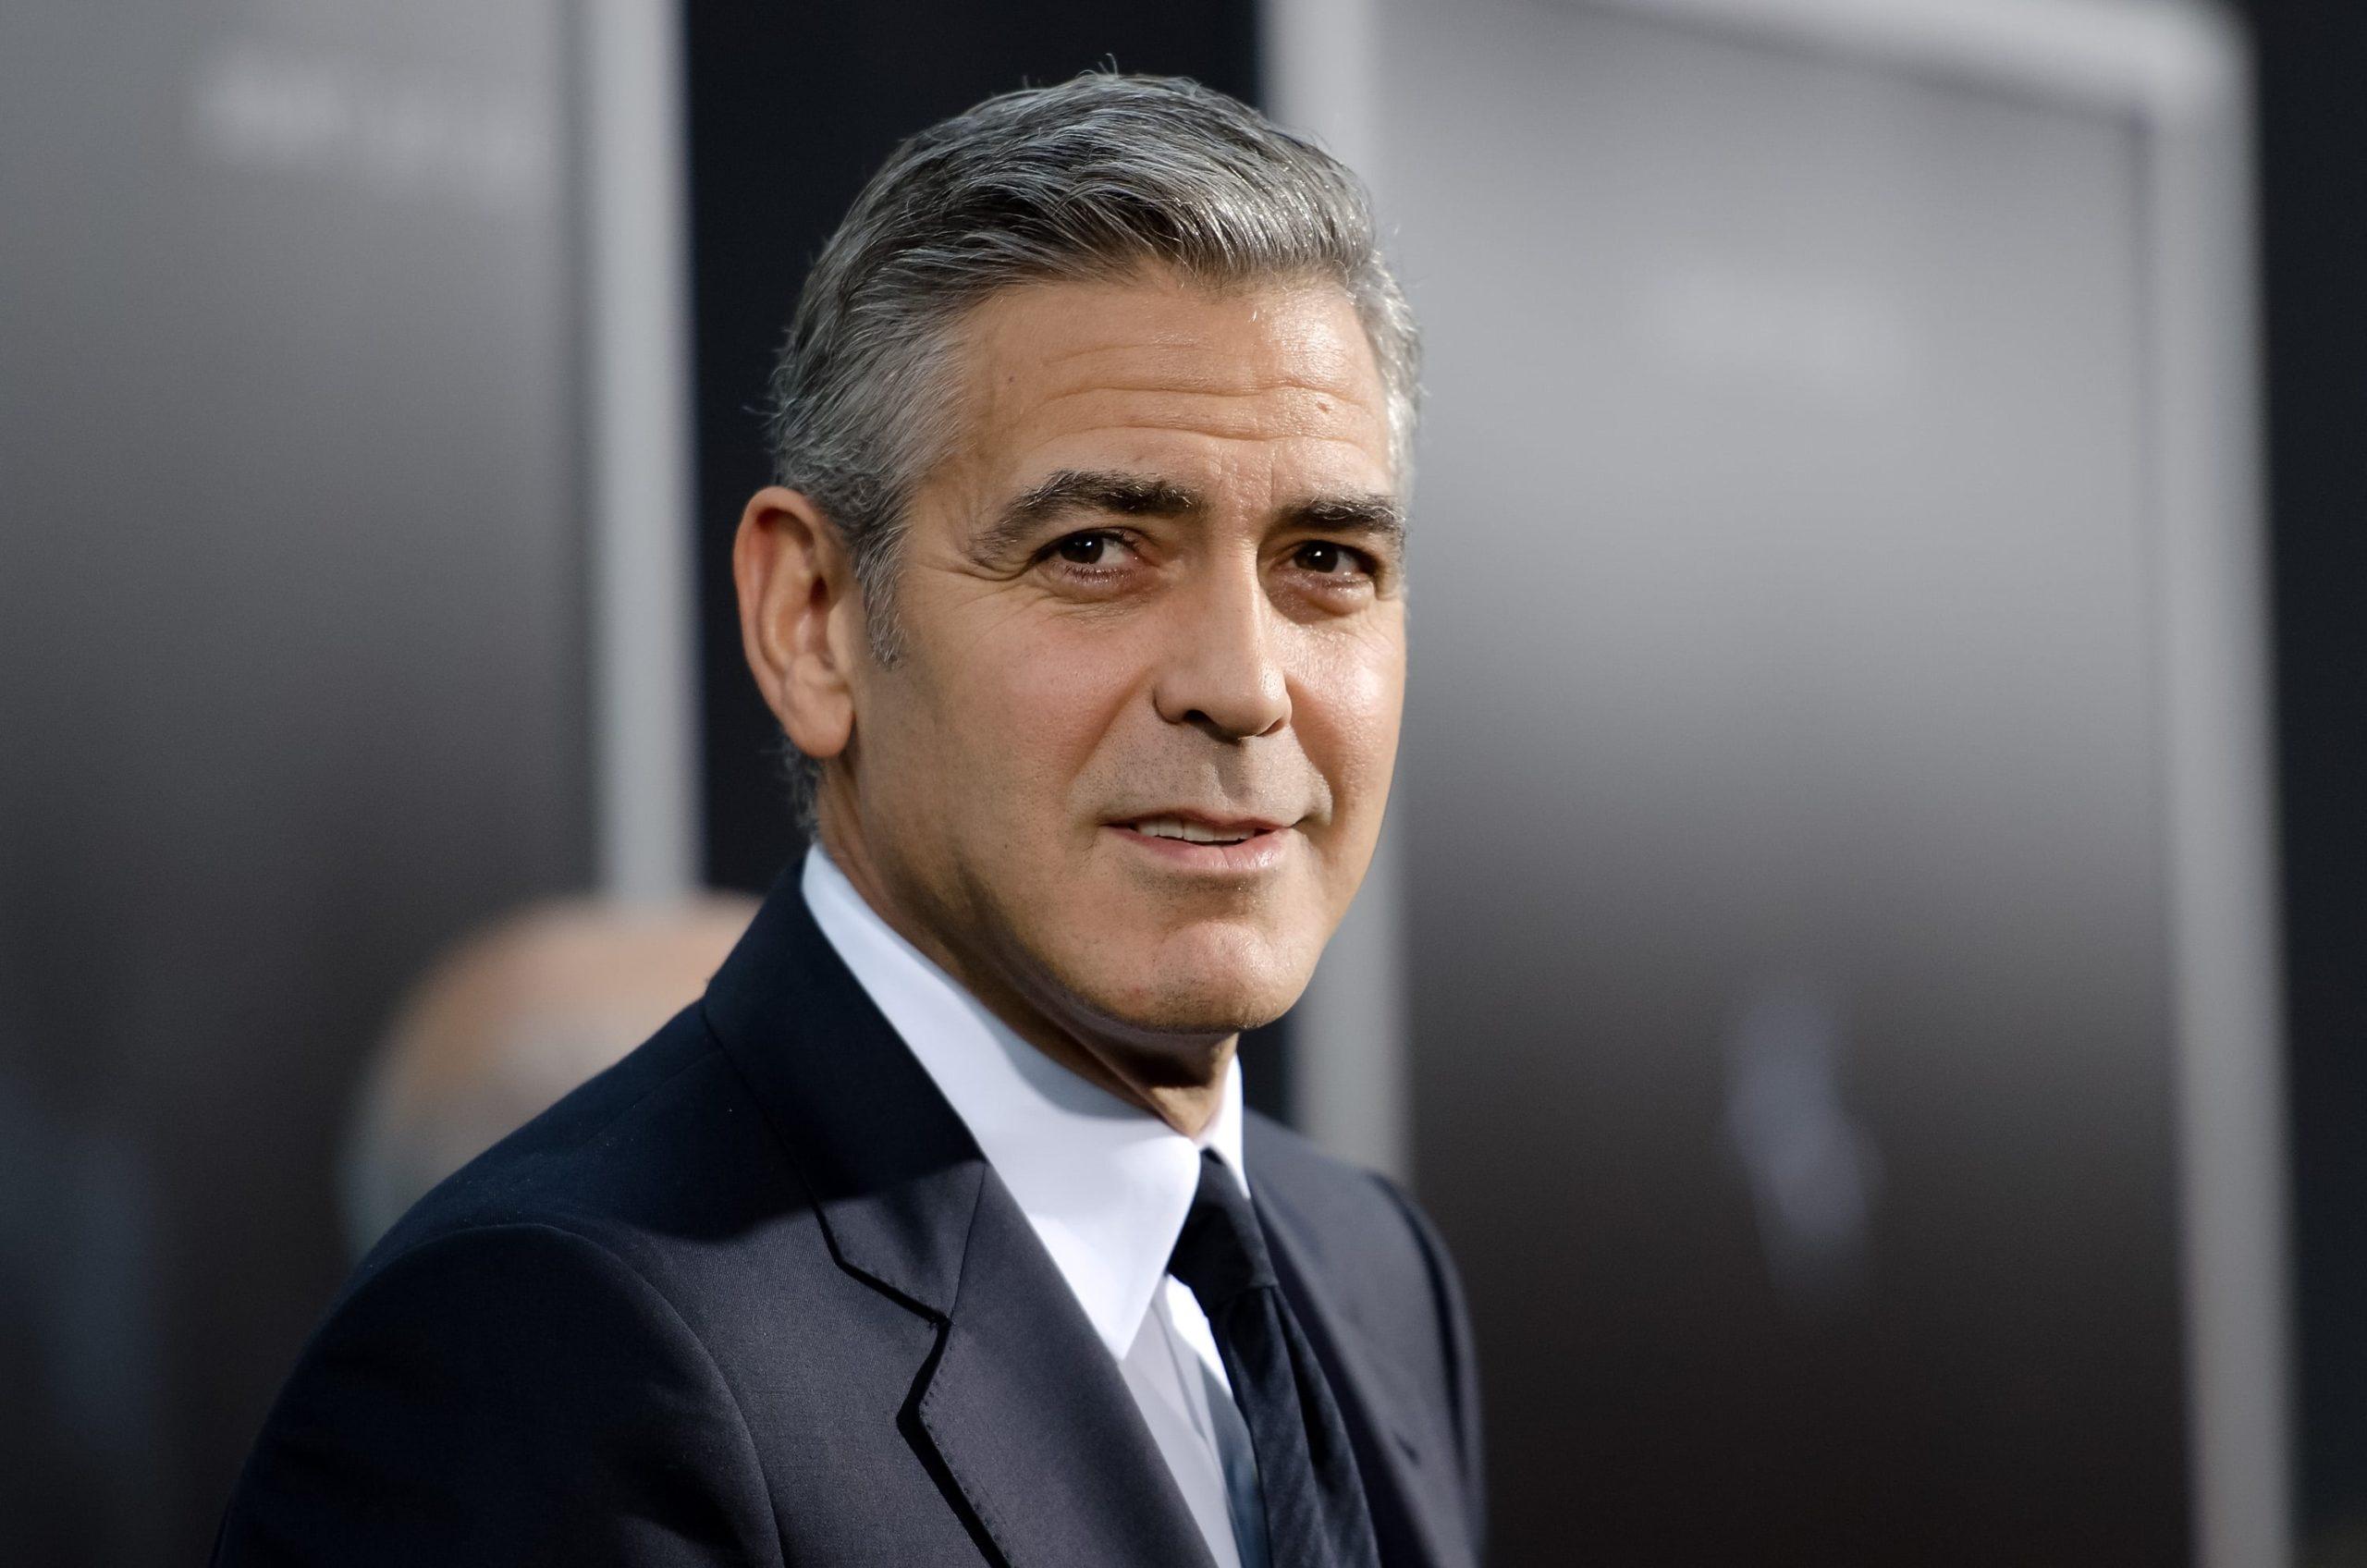 Los diez actores mejor pagados del 2018 la lista la encabeza George Clooney